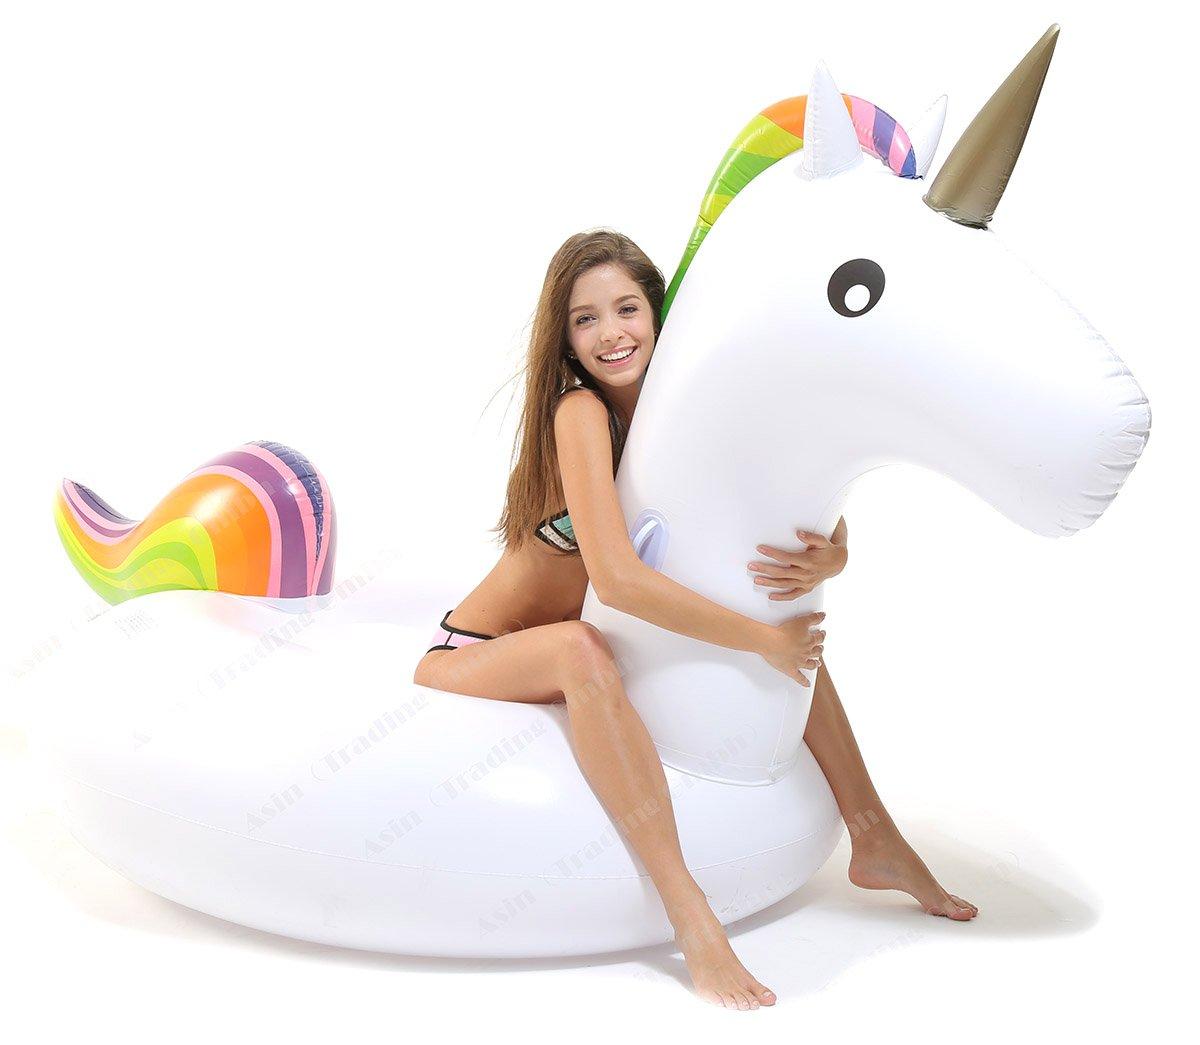 Tante Tina - Flotador Inflable en Forma de Unicornio/Pegasus , tamaño Gigante 240230130cm - Cama Flotante, Juguete de Agua -Blanco/Arco Iris